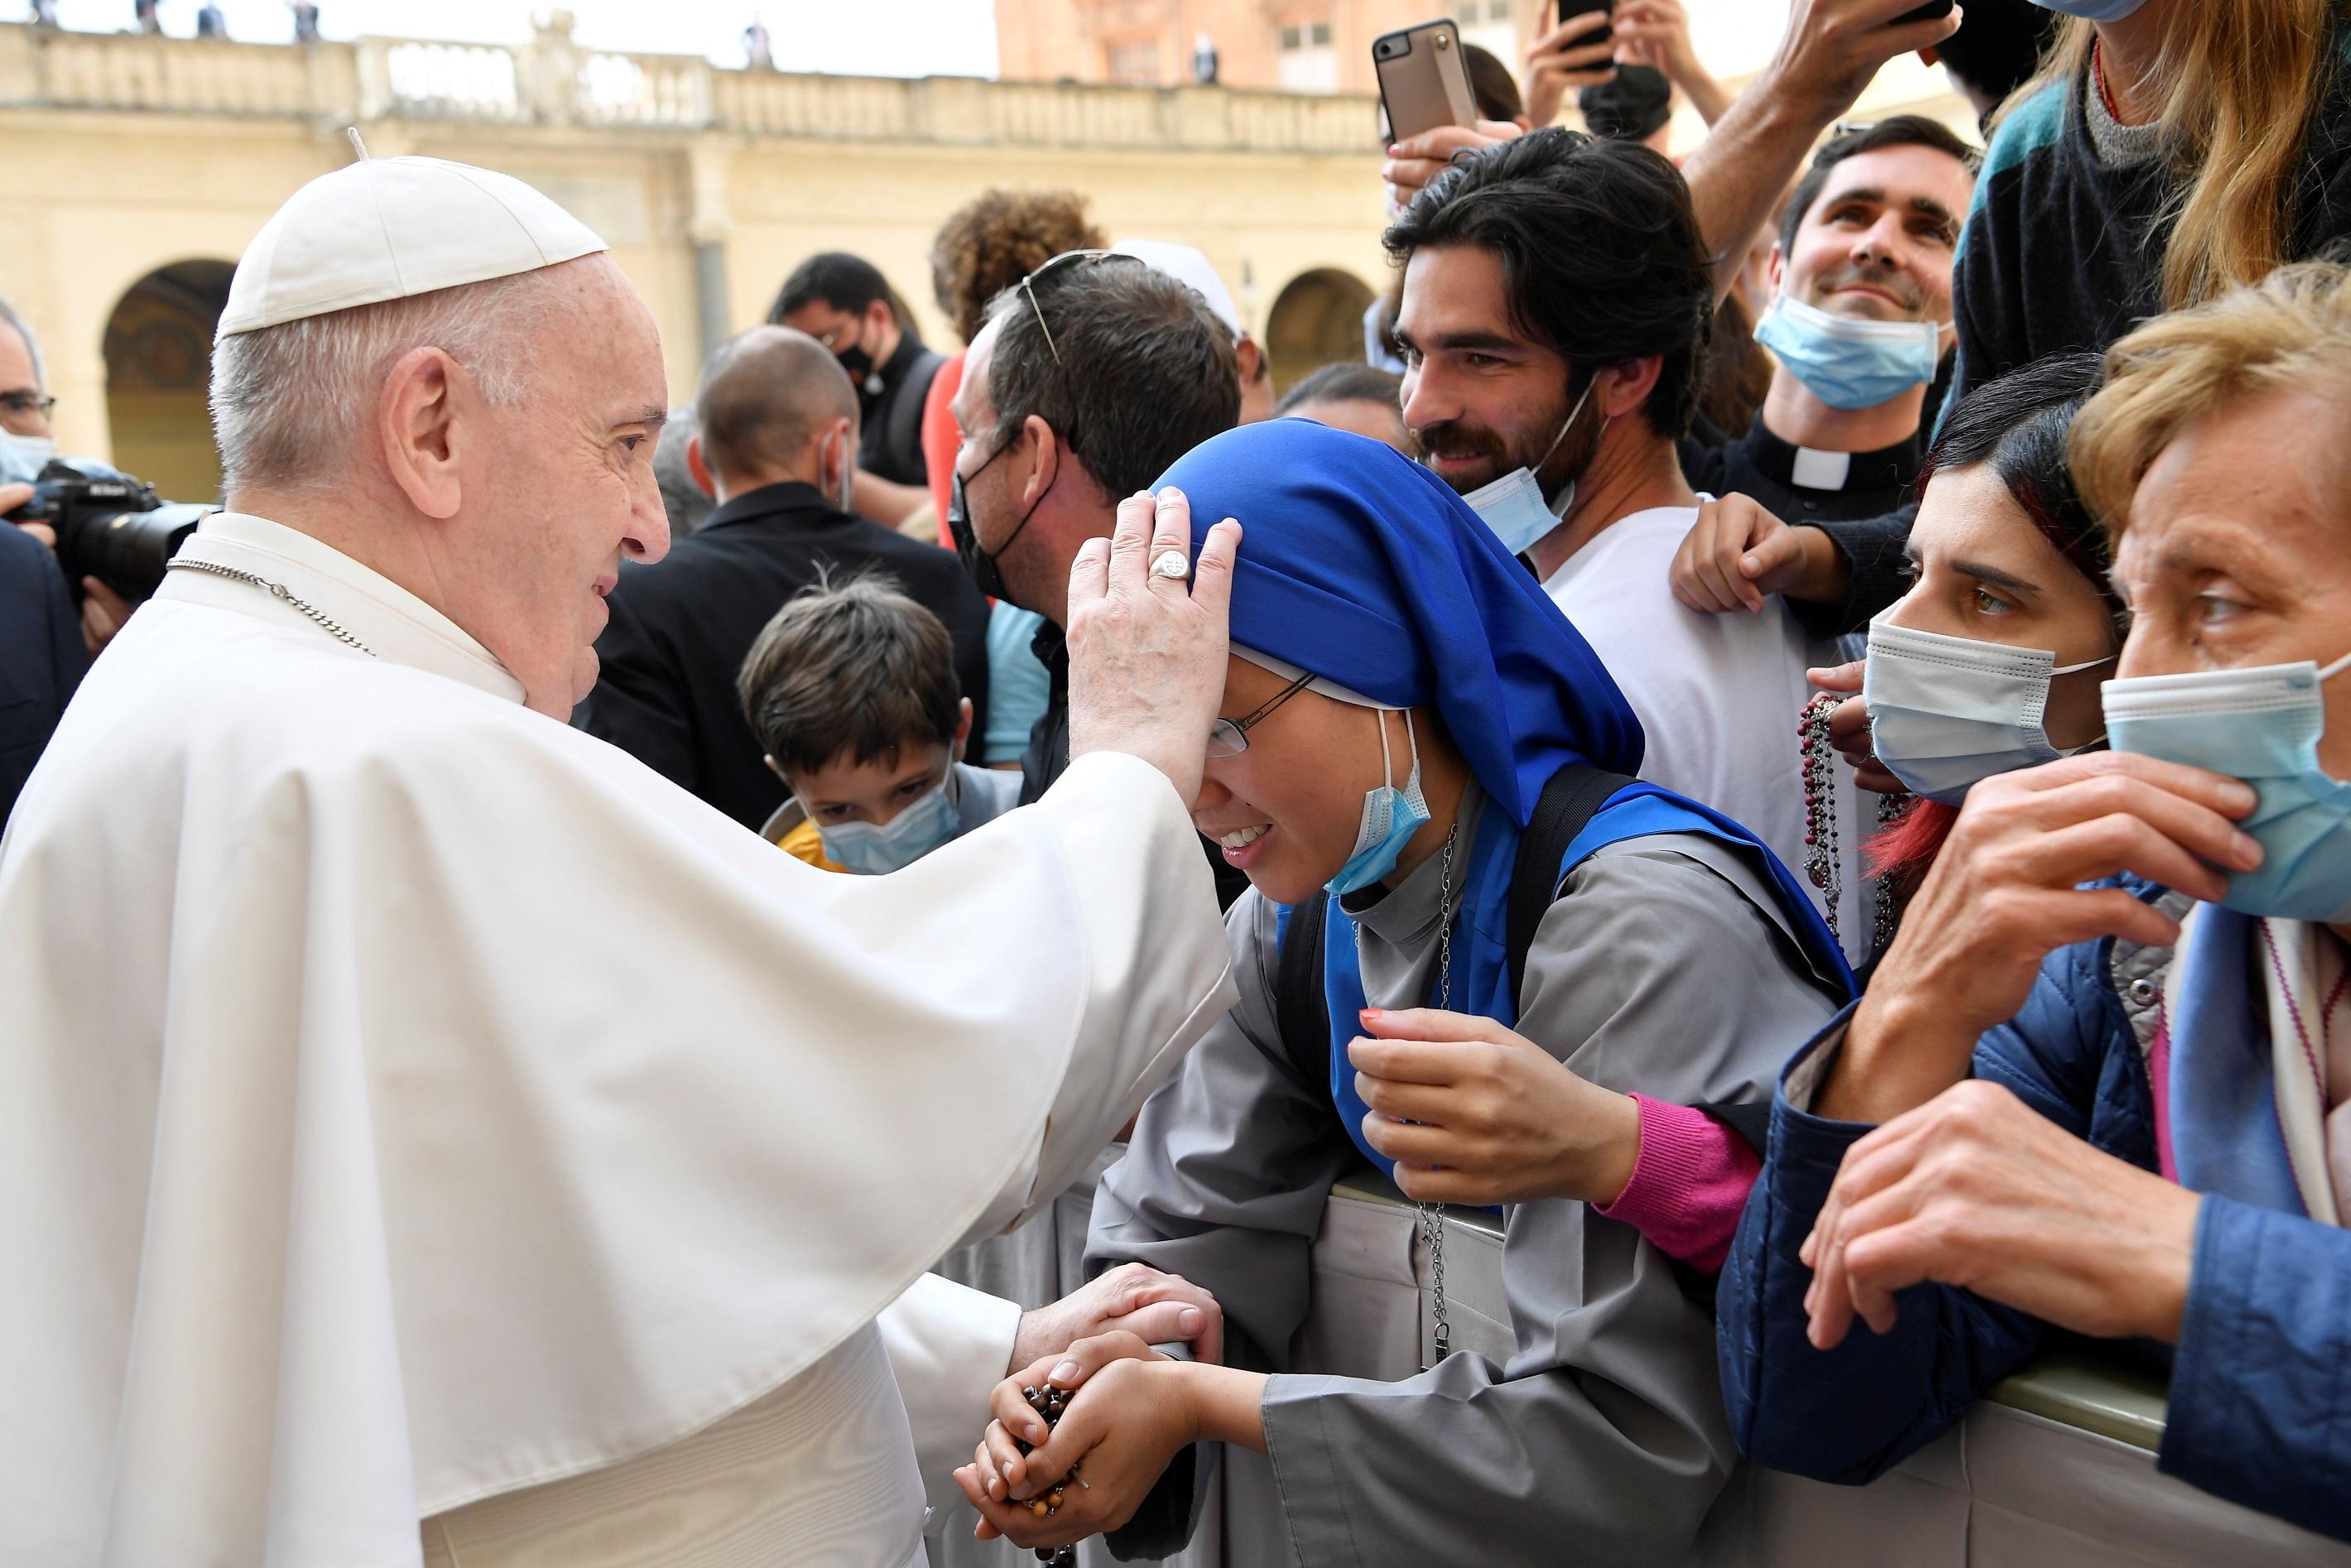 El Papa Francisco durante una audiencia con los fieles en el Vaticano.